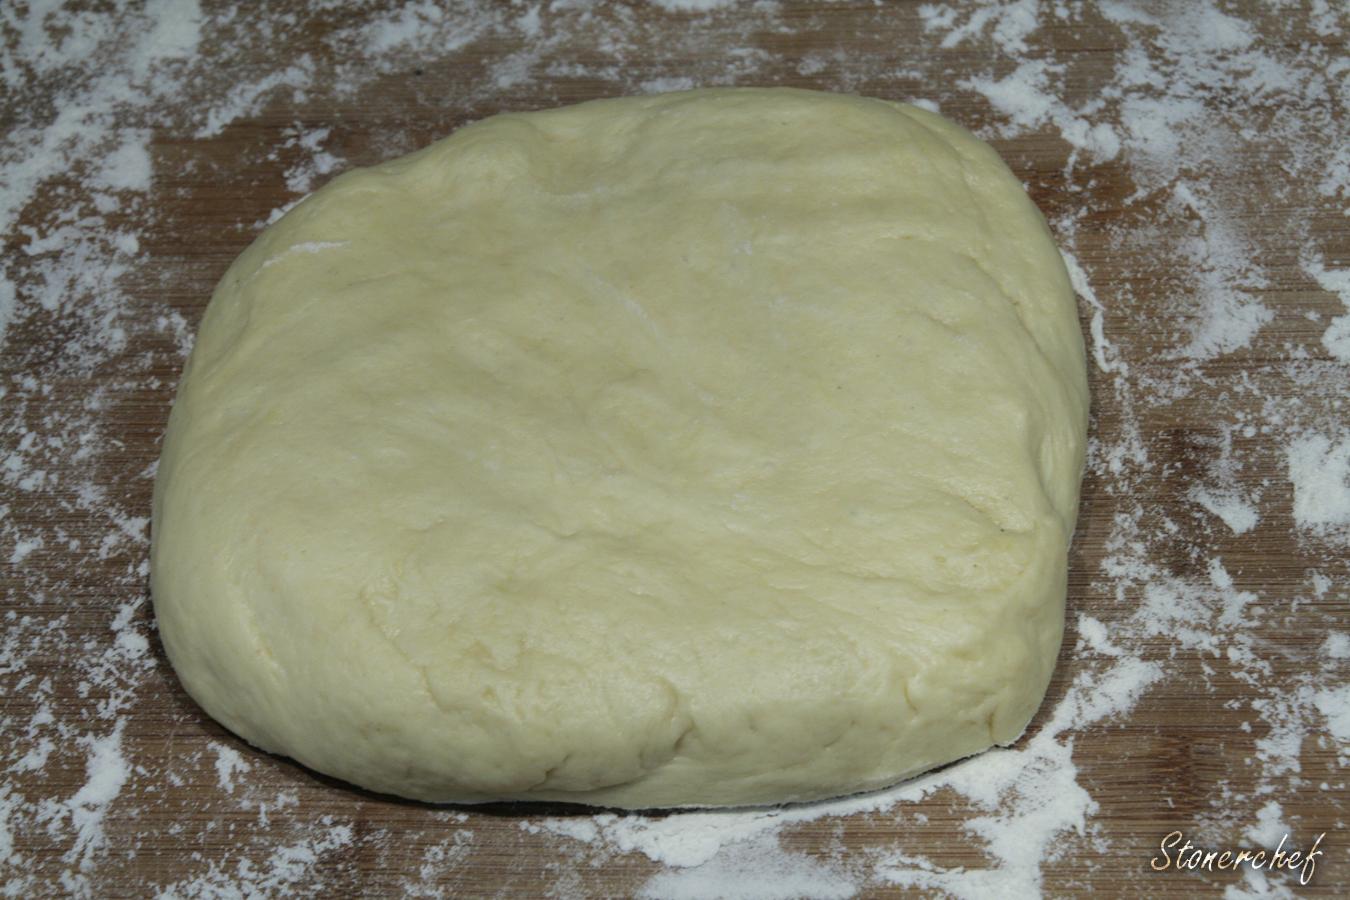 ciasto uformowane do dzielenia na bułki